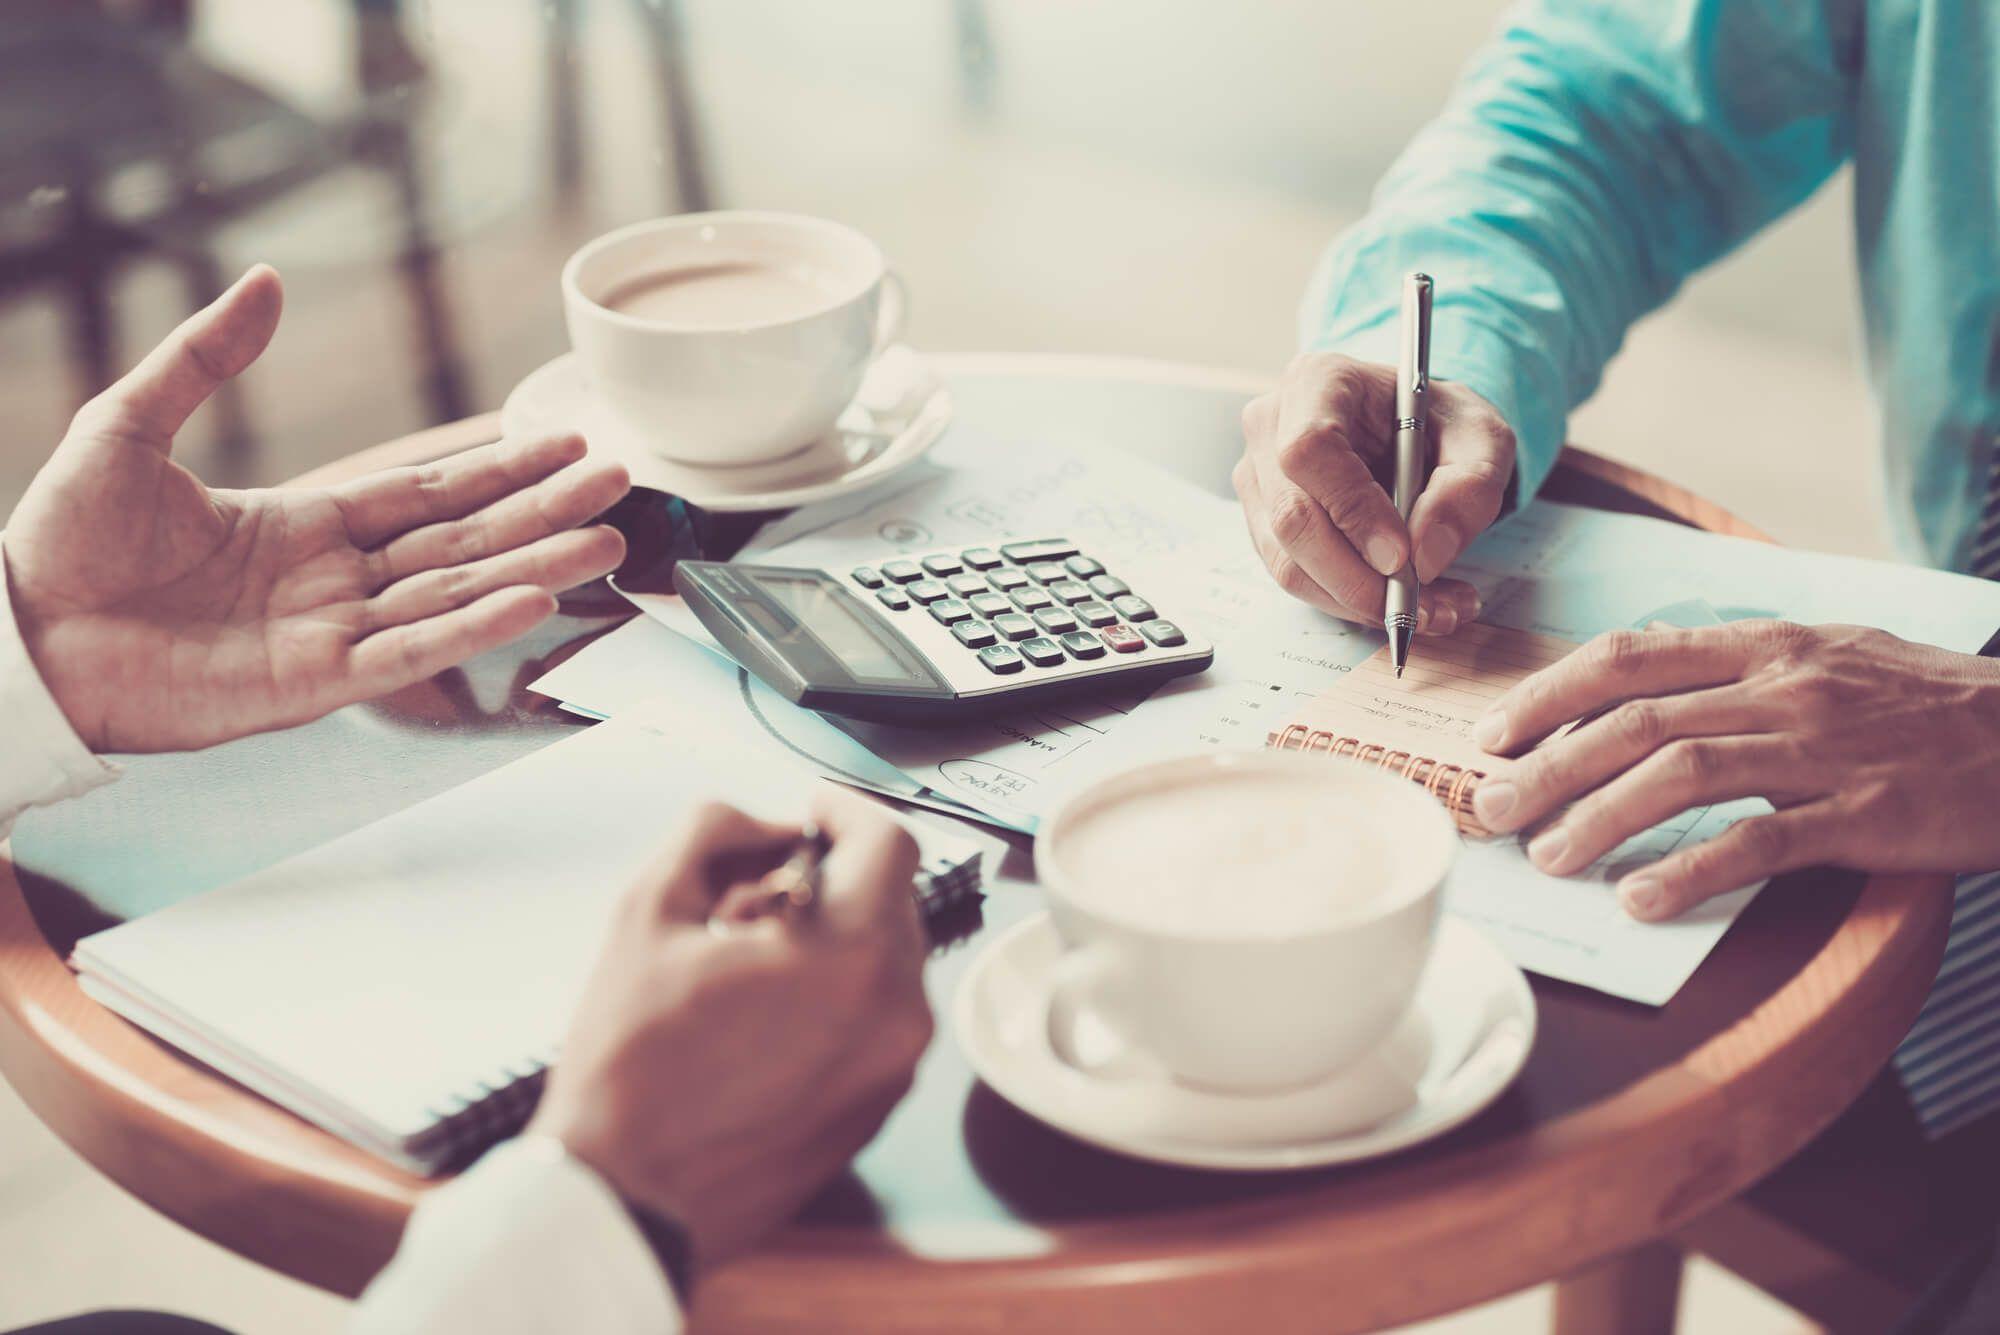 Você sabe como adquirir capital para startups? Leia neste artigo!